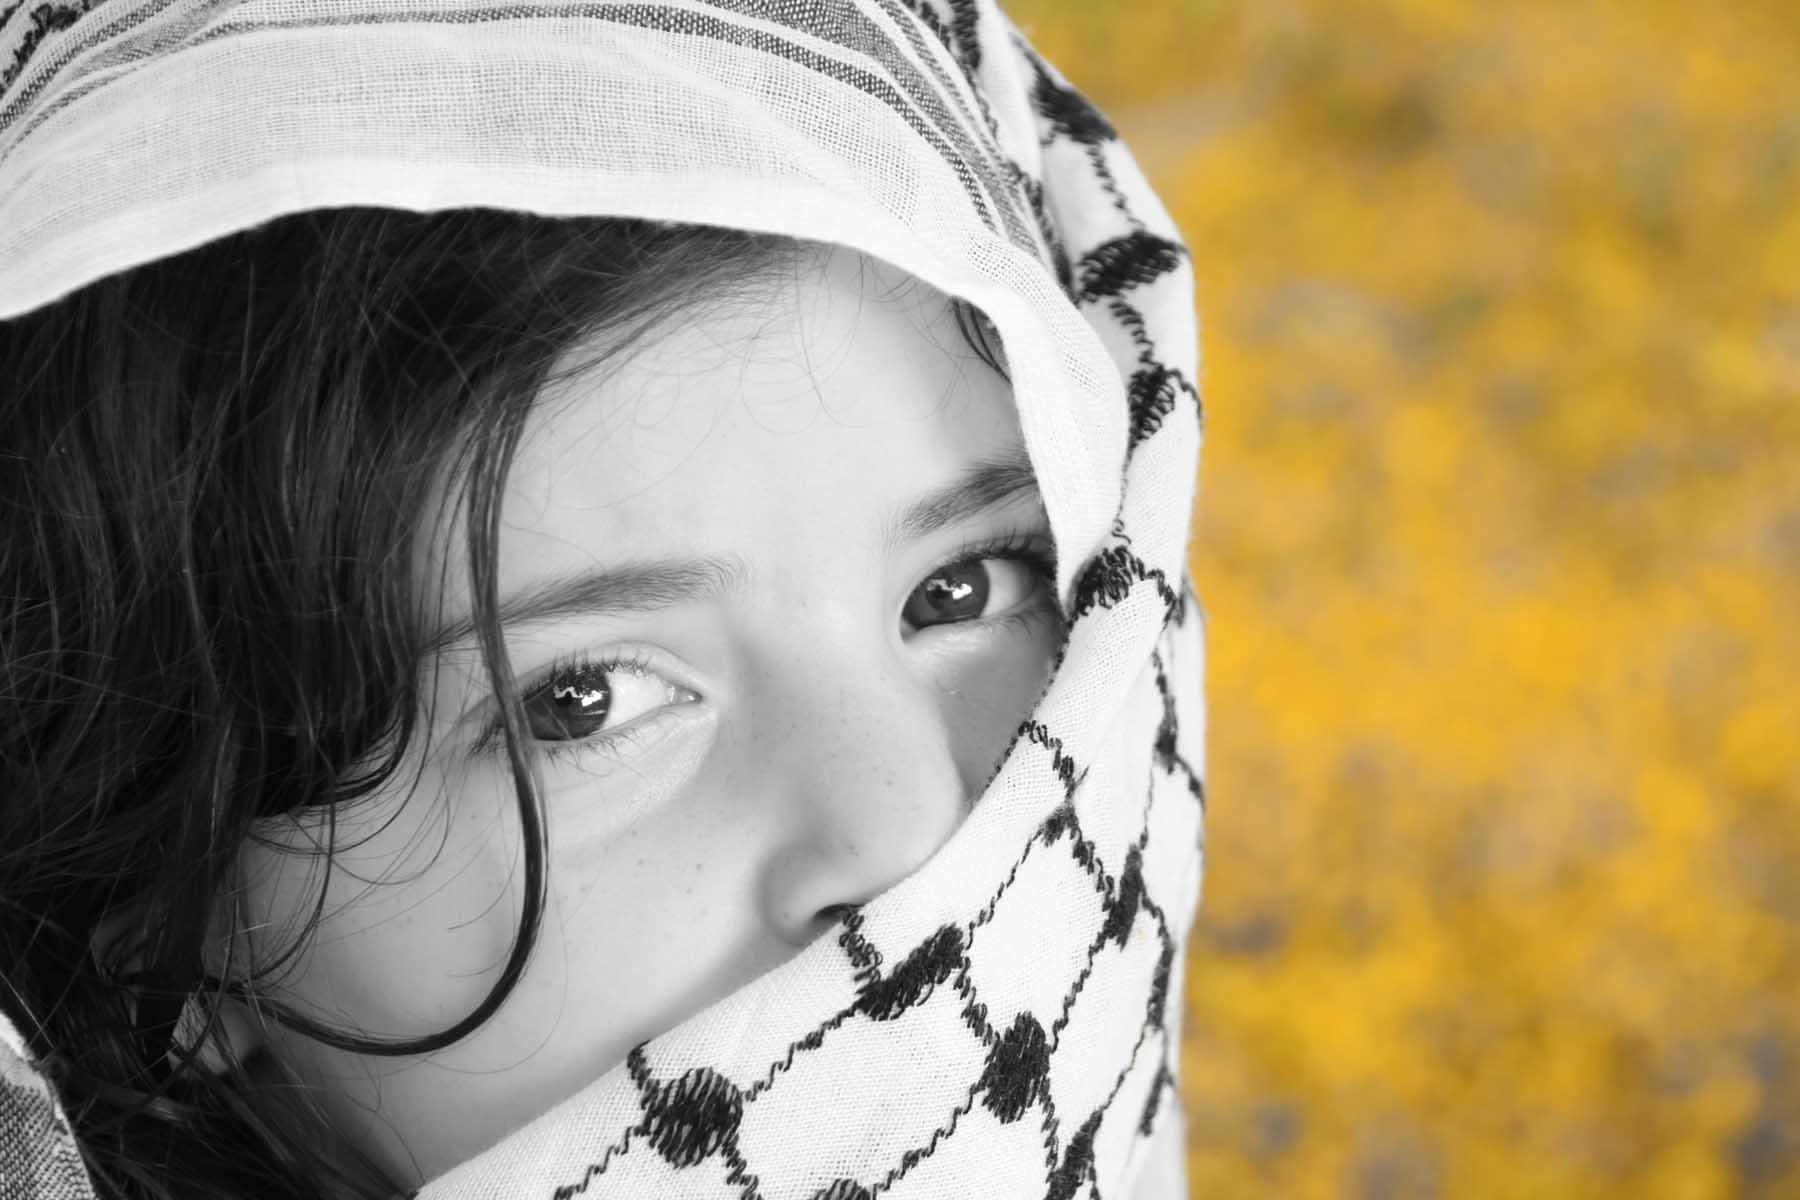 Afghan girl and (Arabic) kaffiyah